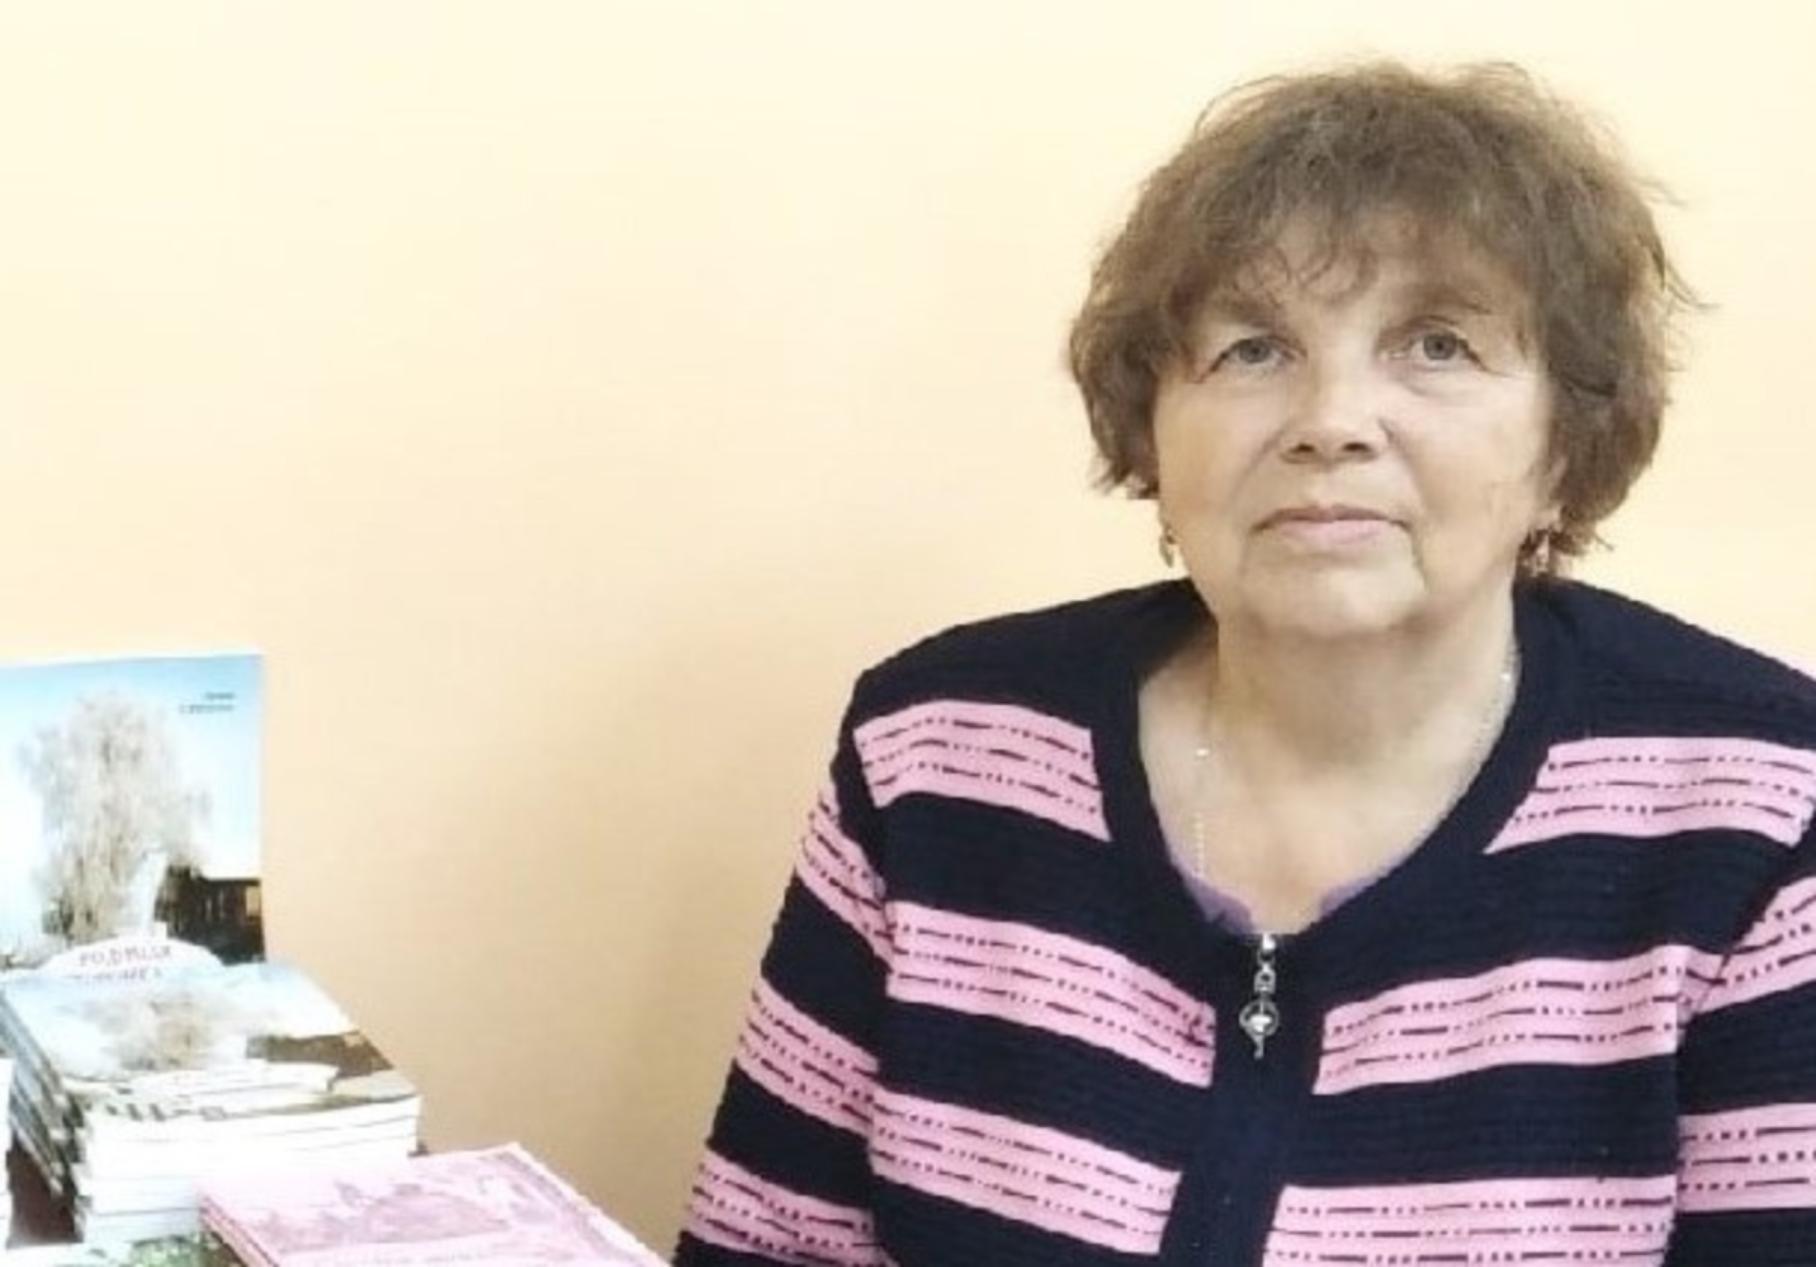 Встреча с писательницей Лилией Синцовой состоялась в Заостровье Виноградовского района